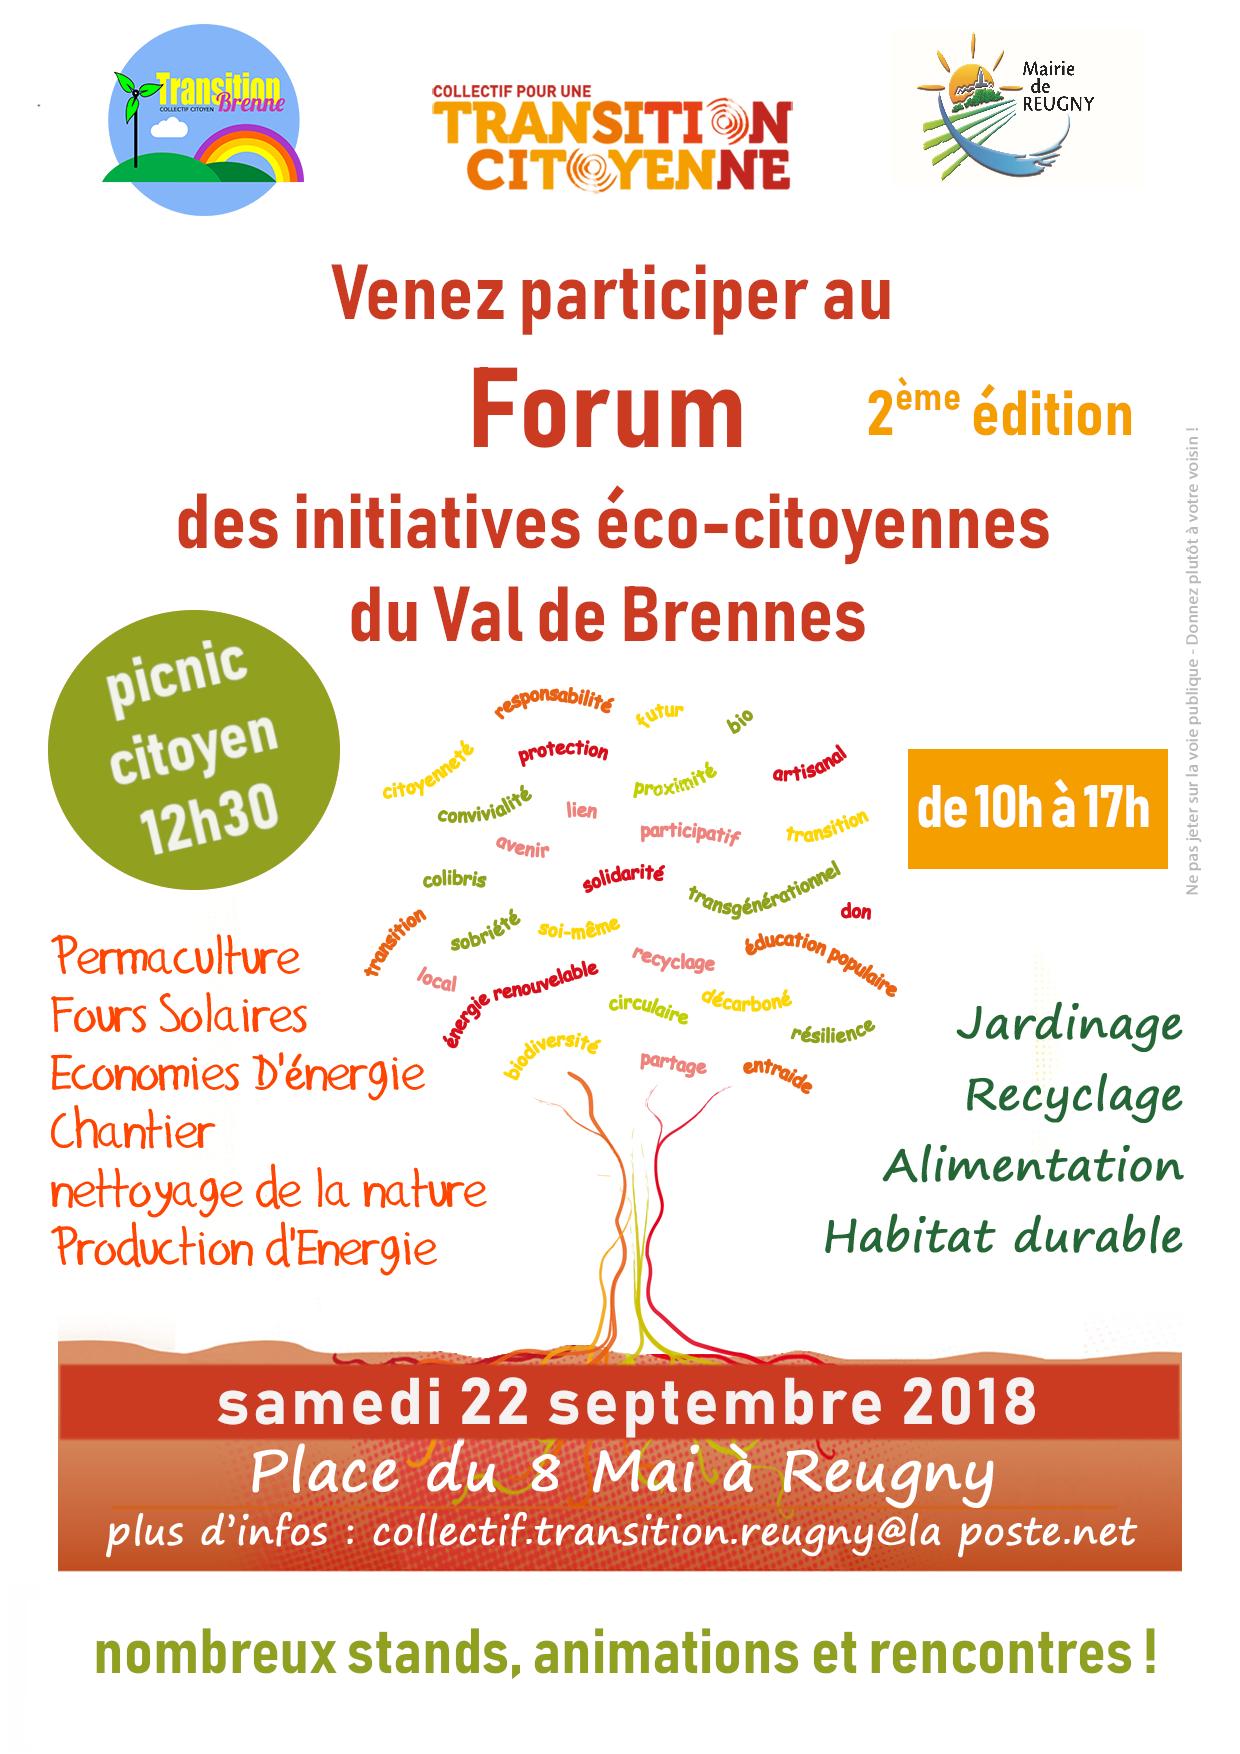 Forum des initiatives éco-citoyennes en Val de Brenne (2ème édition)